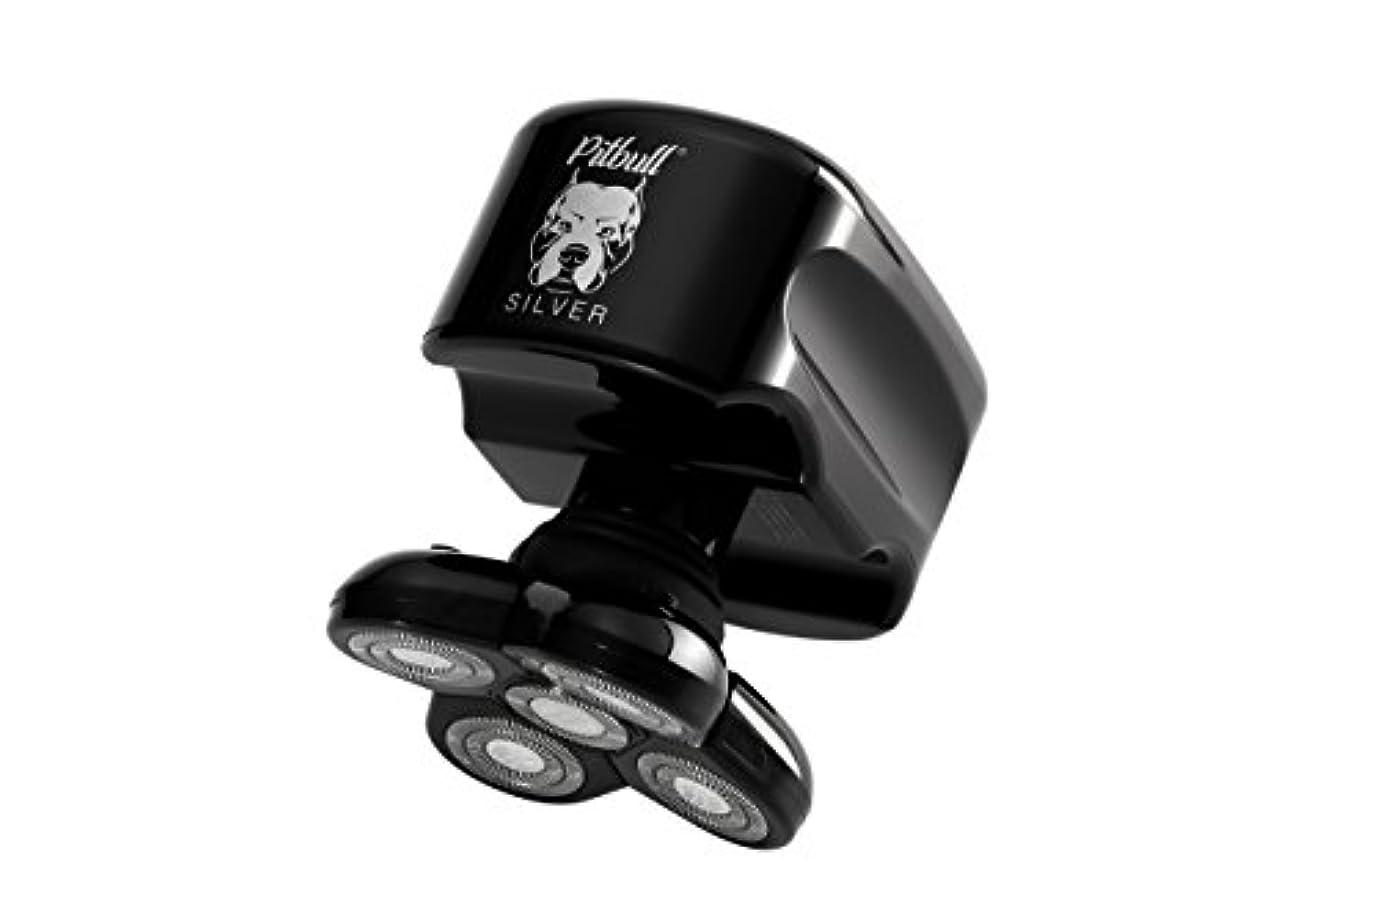 民主主義クラックパースブラックボロウSkull Shaver (スカルシェーバー) メンズシェーバー 5つの回転刃の 電動シェーバー (銀)